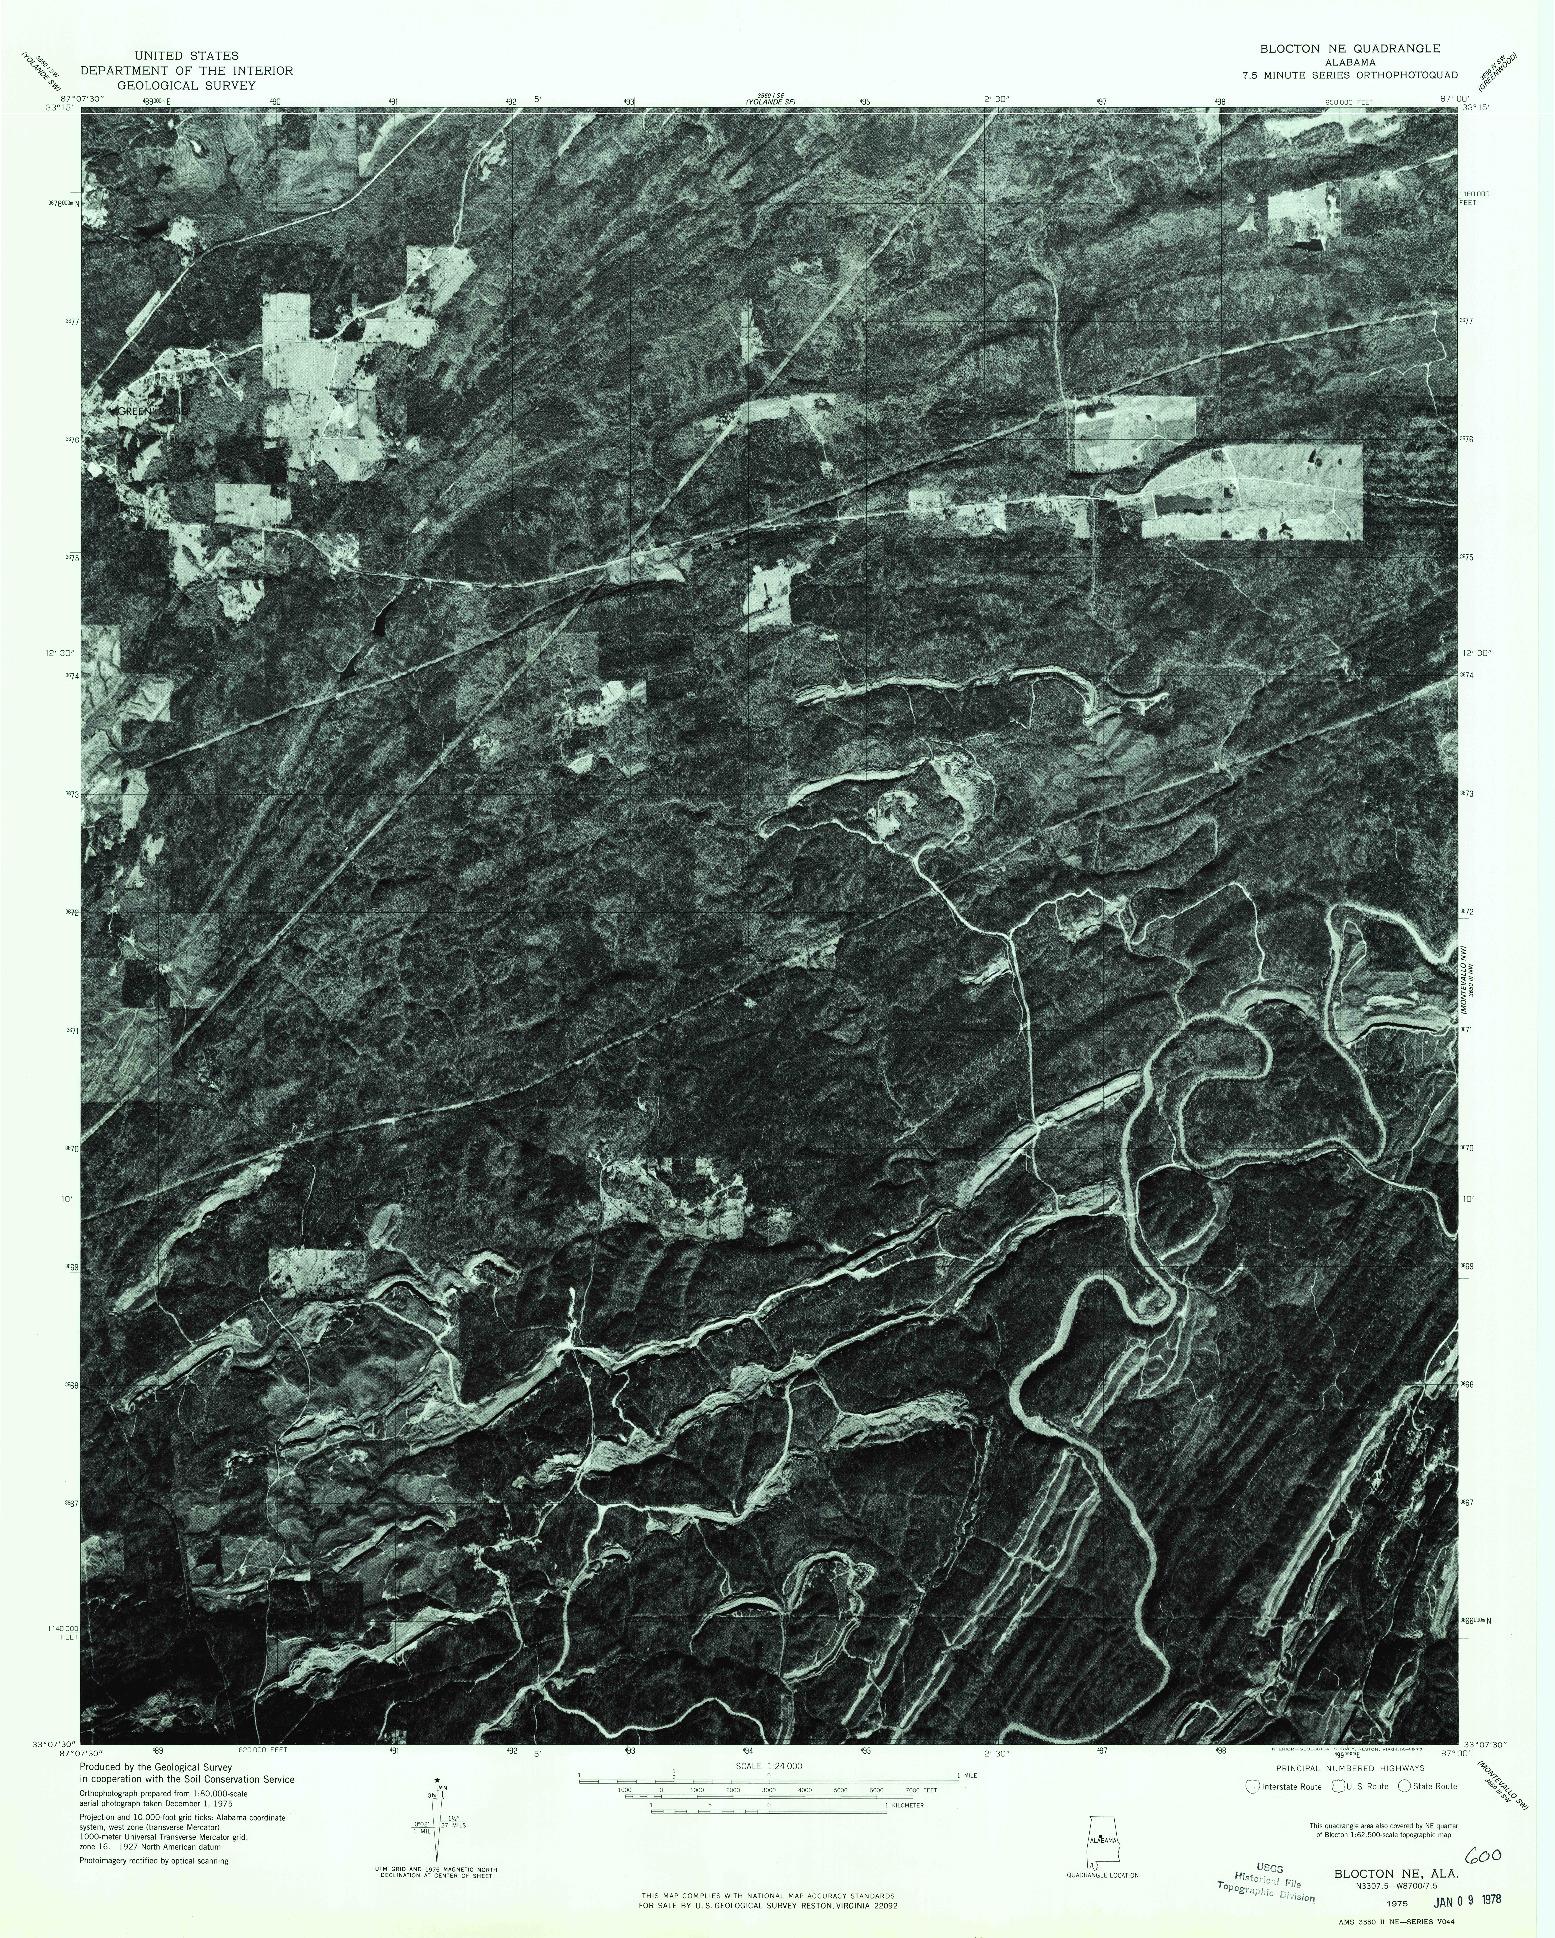 USGS 1:24000-SCALE QUADRANGLE FOR BLOCTON NE, AL 1975